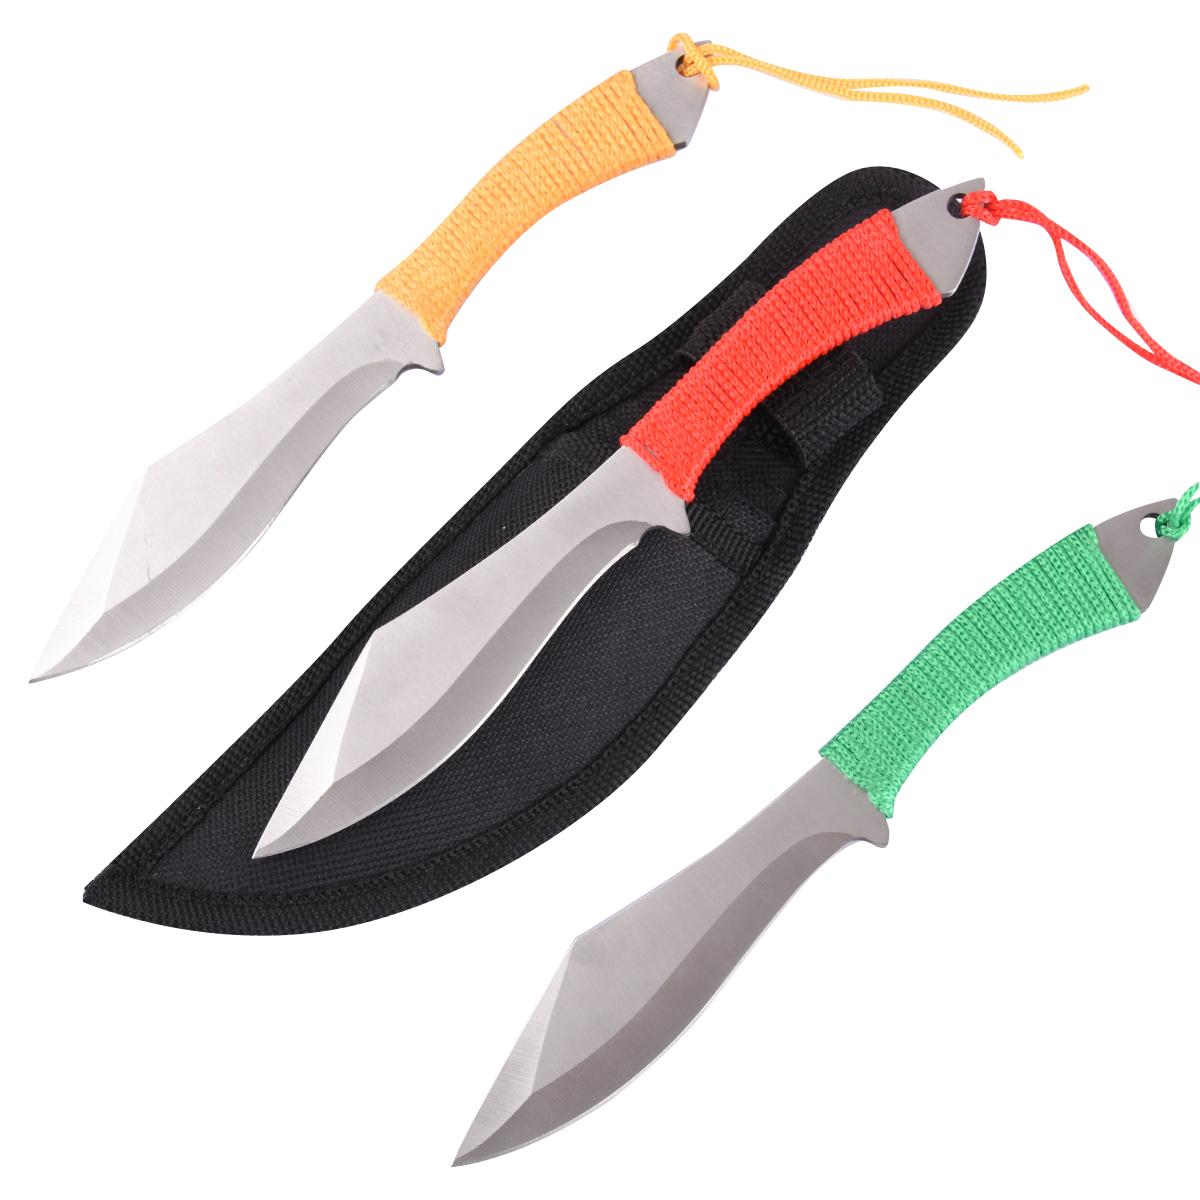 Набор метательных ножей (3 шт.) - купить с доставкой и самовывозом